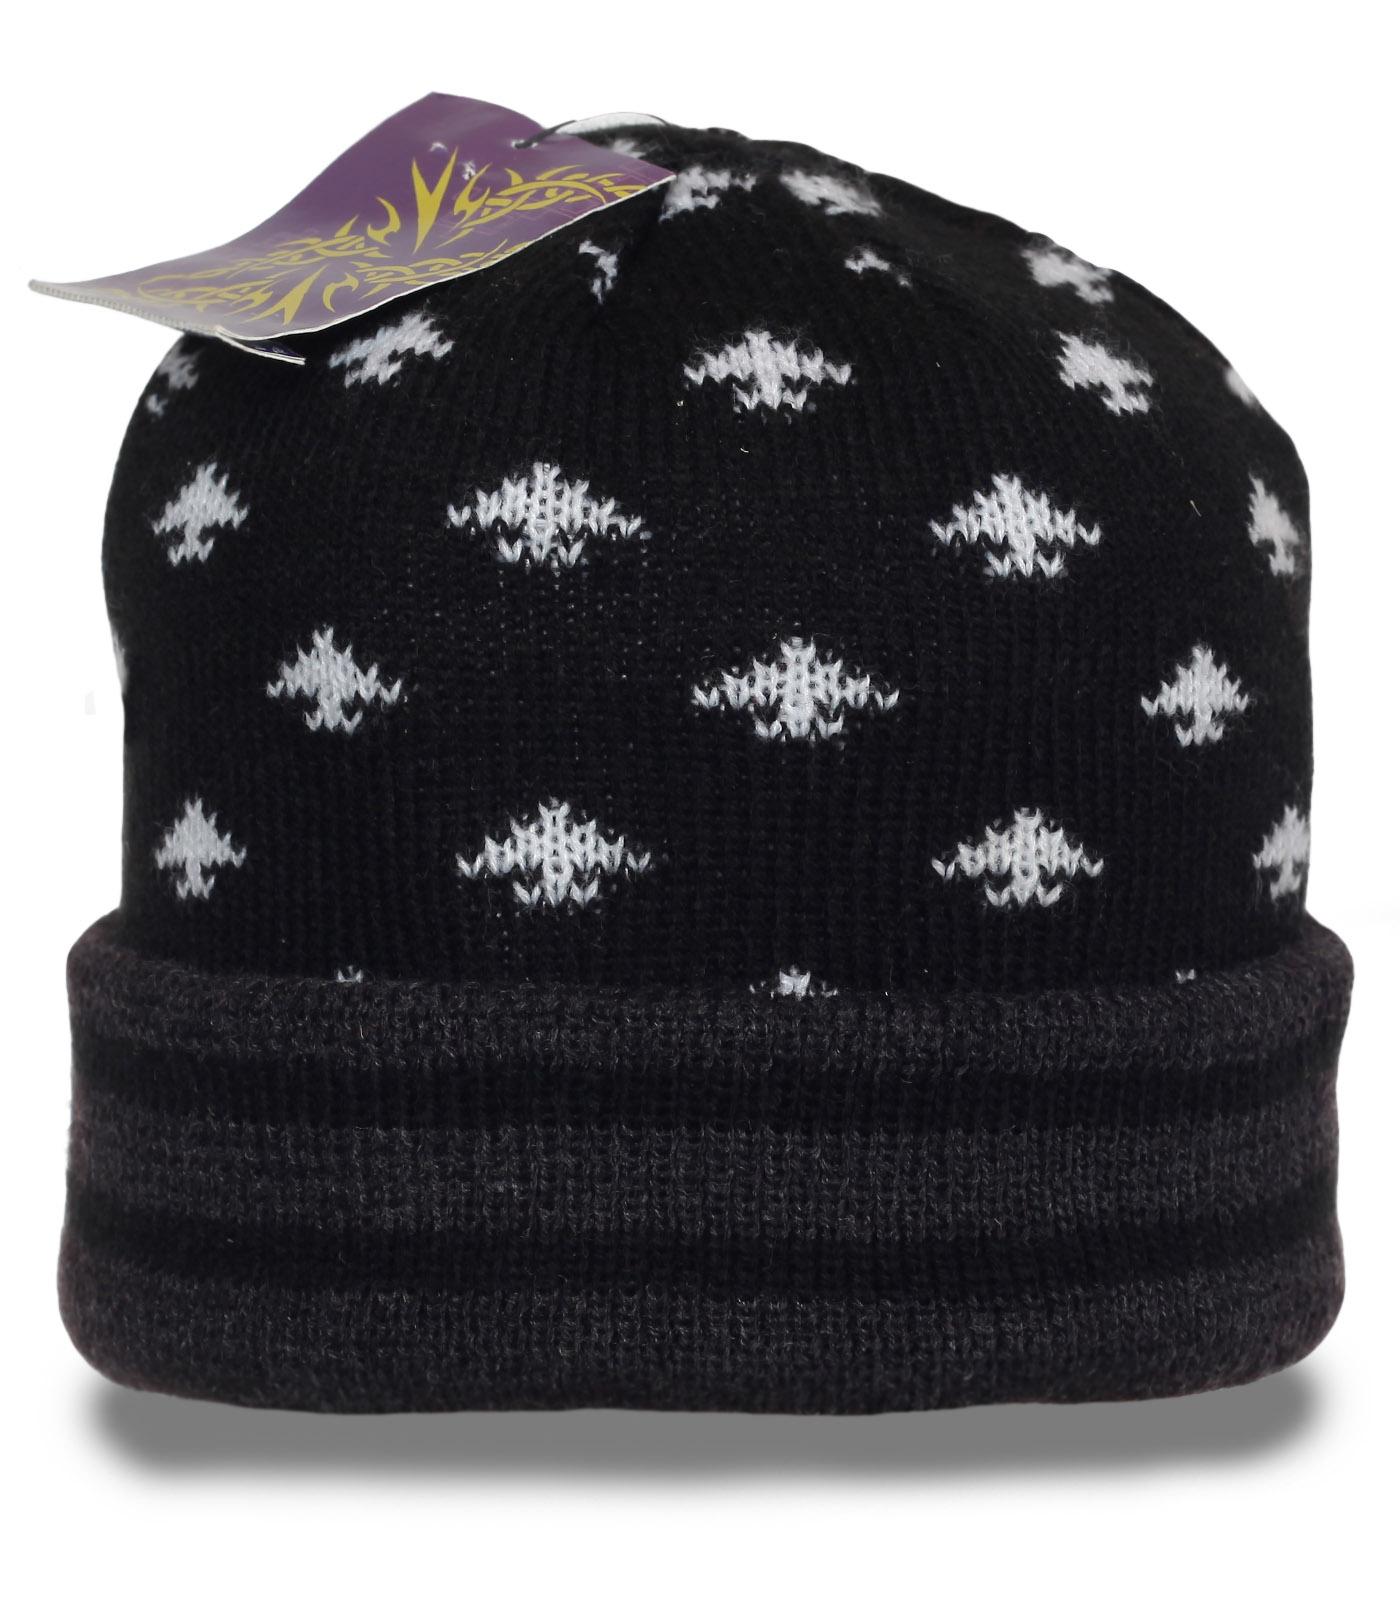 Теплая мужская шапка с подворотом. Универсальная аккуратная модель на каждый день и для спорта